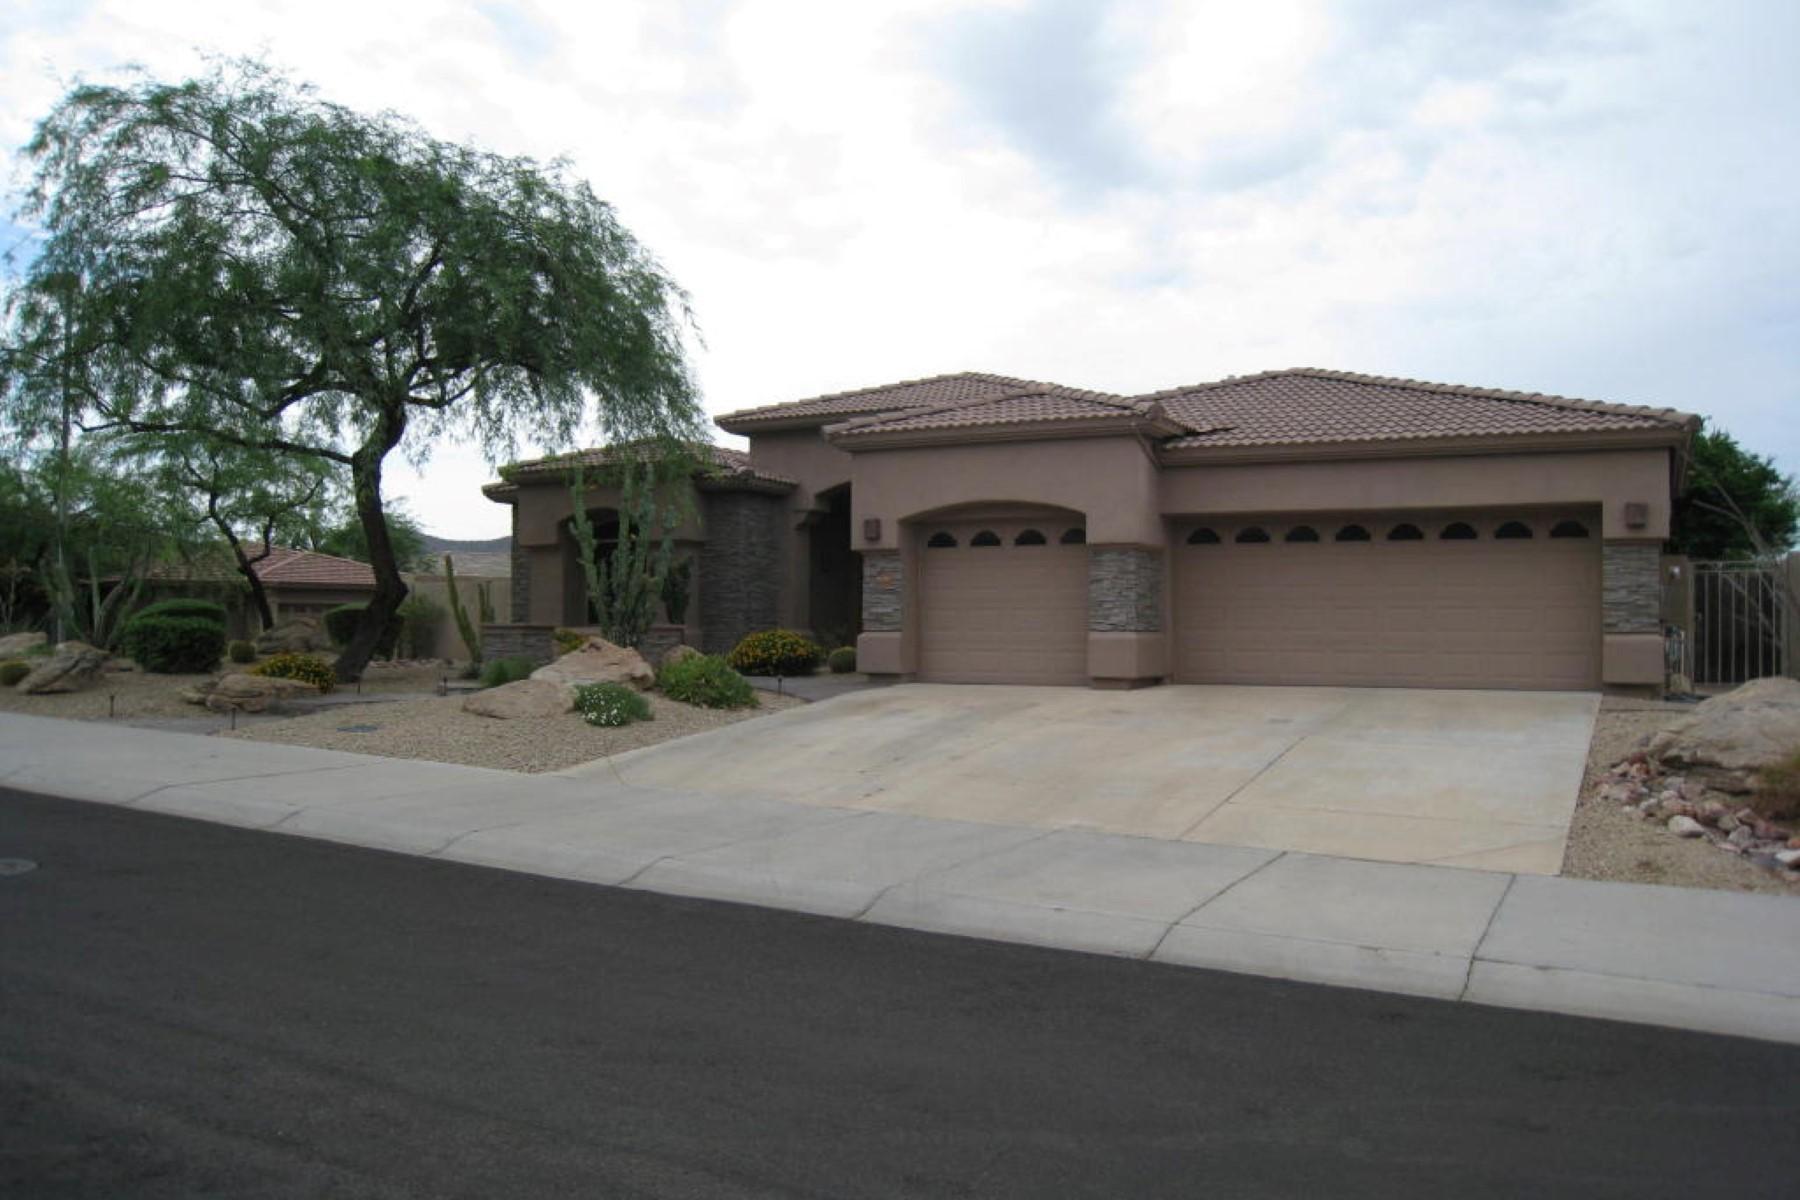 단독 가정 주택 용 매매 에 Beautiful McDowell Mountain Ranch home. 10867 E Acacia Dr Scottsdale, 아리조나 85255 미국